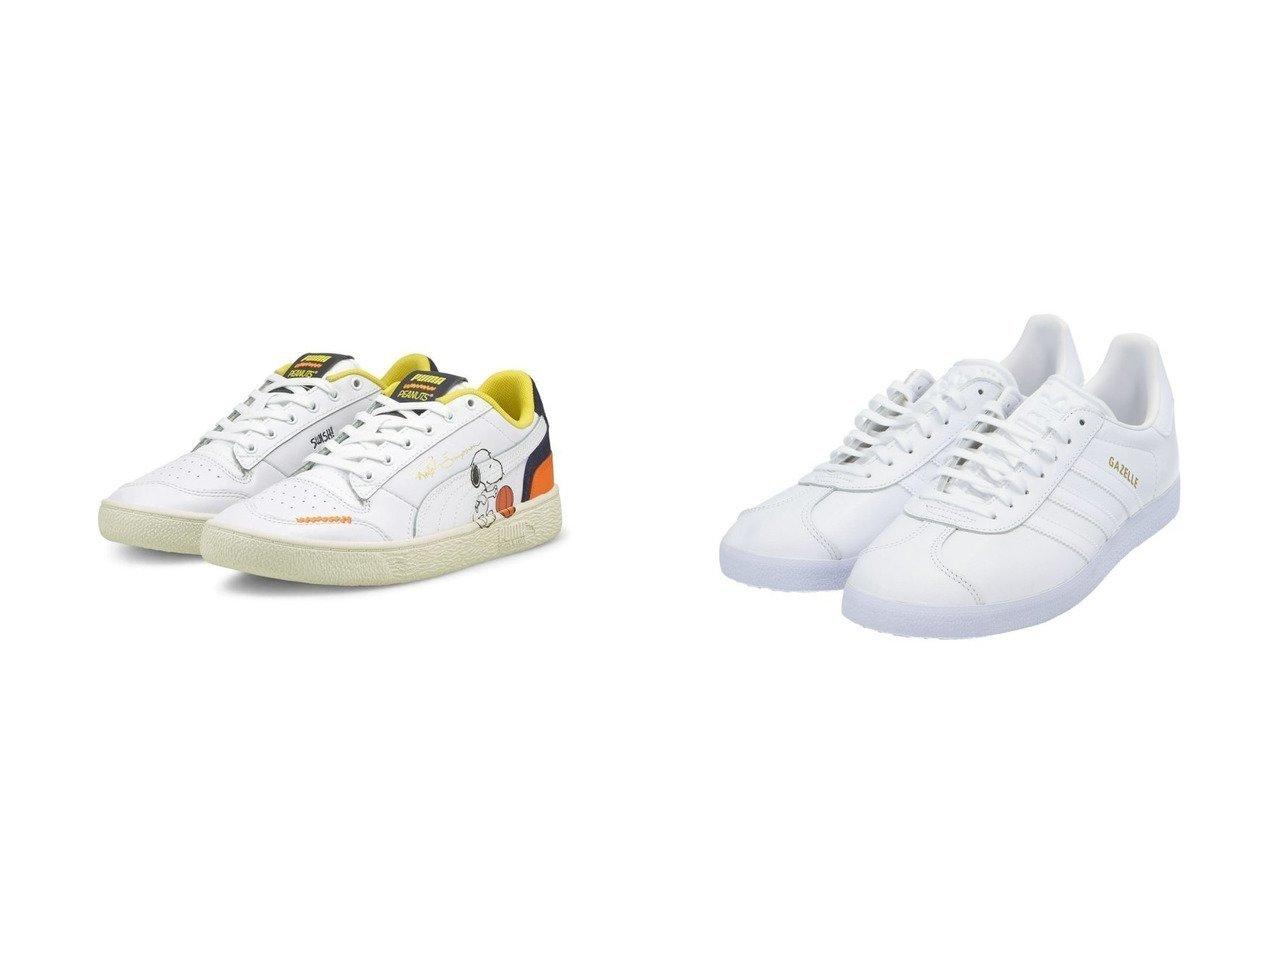 【adidas Originals/アディダス オリジナルス】のガゼル Gazelle アディダスオリジナルス&【PUMA/プーマ】のPUMA RALPH SAMPSON PEANUTS 【シューズ・靴】おすすめ!人気、トレンド・レディースファッションの通販 おすすめファッション通販アイテム インテリア・キッズ・メンズ・レディースファッション・服の通販 founy(ファニー)  ファッション Fashion レディースファッション WOMEN シューズ ストライプ スニーカー スポーツ スリッポン ミックス 人気 キャラクター クッション バスケット プリント NEW・新作・新着・新入荷 New Arrivals ホワイト系 White |ID:crp329100000029186